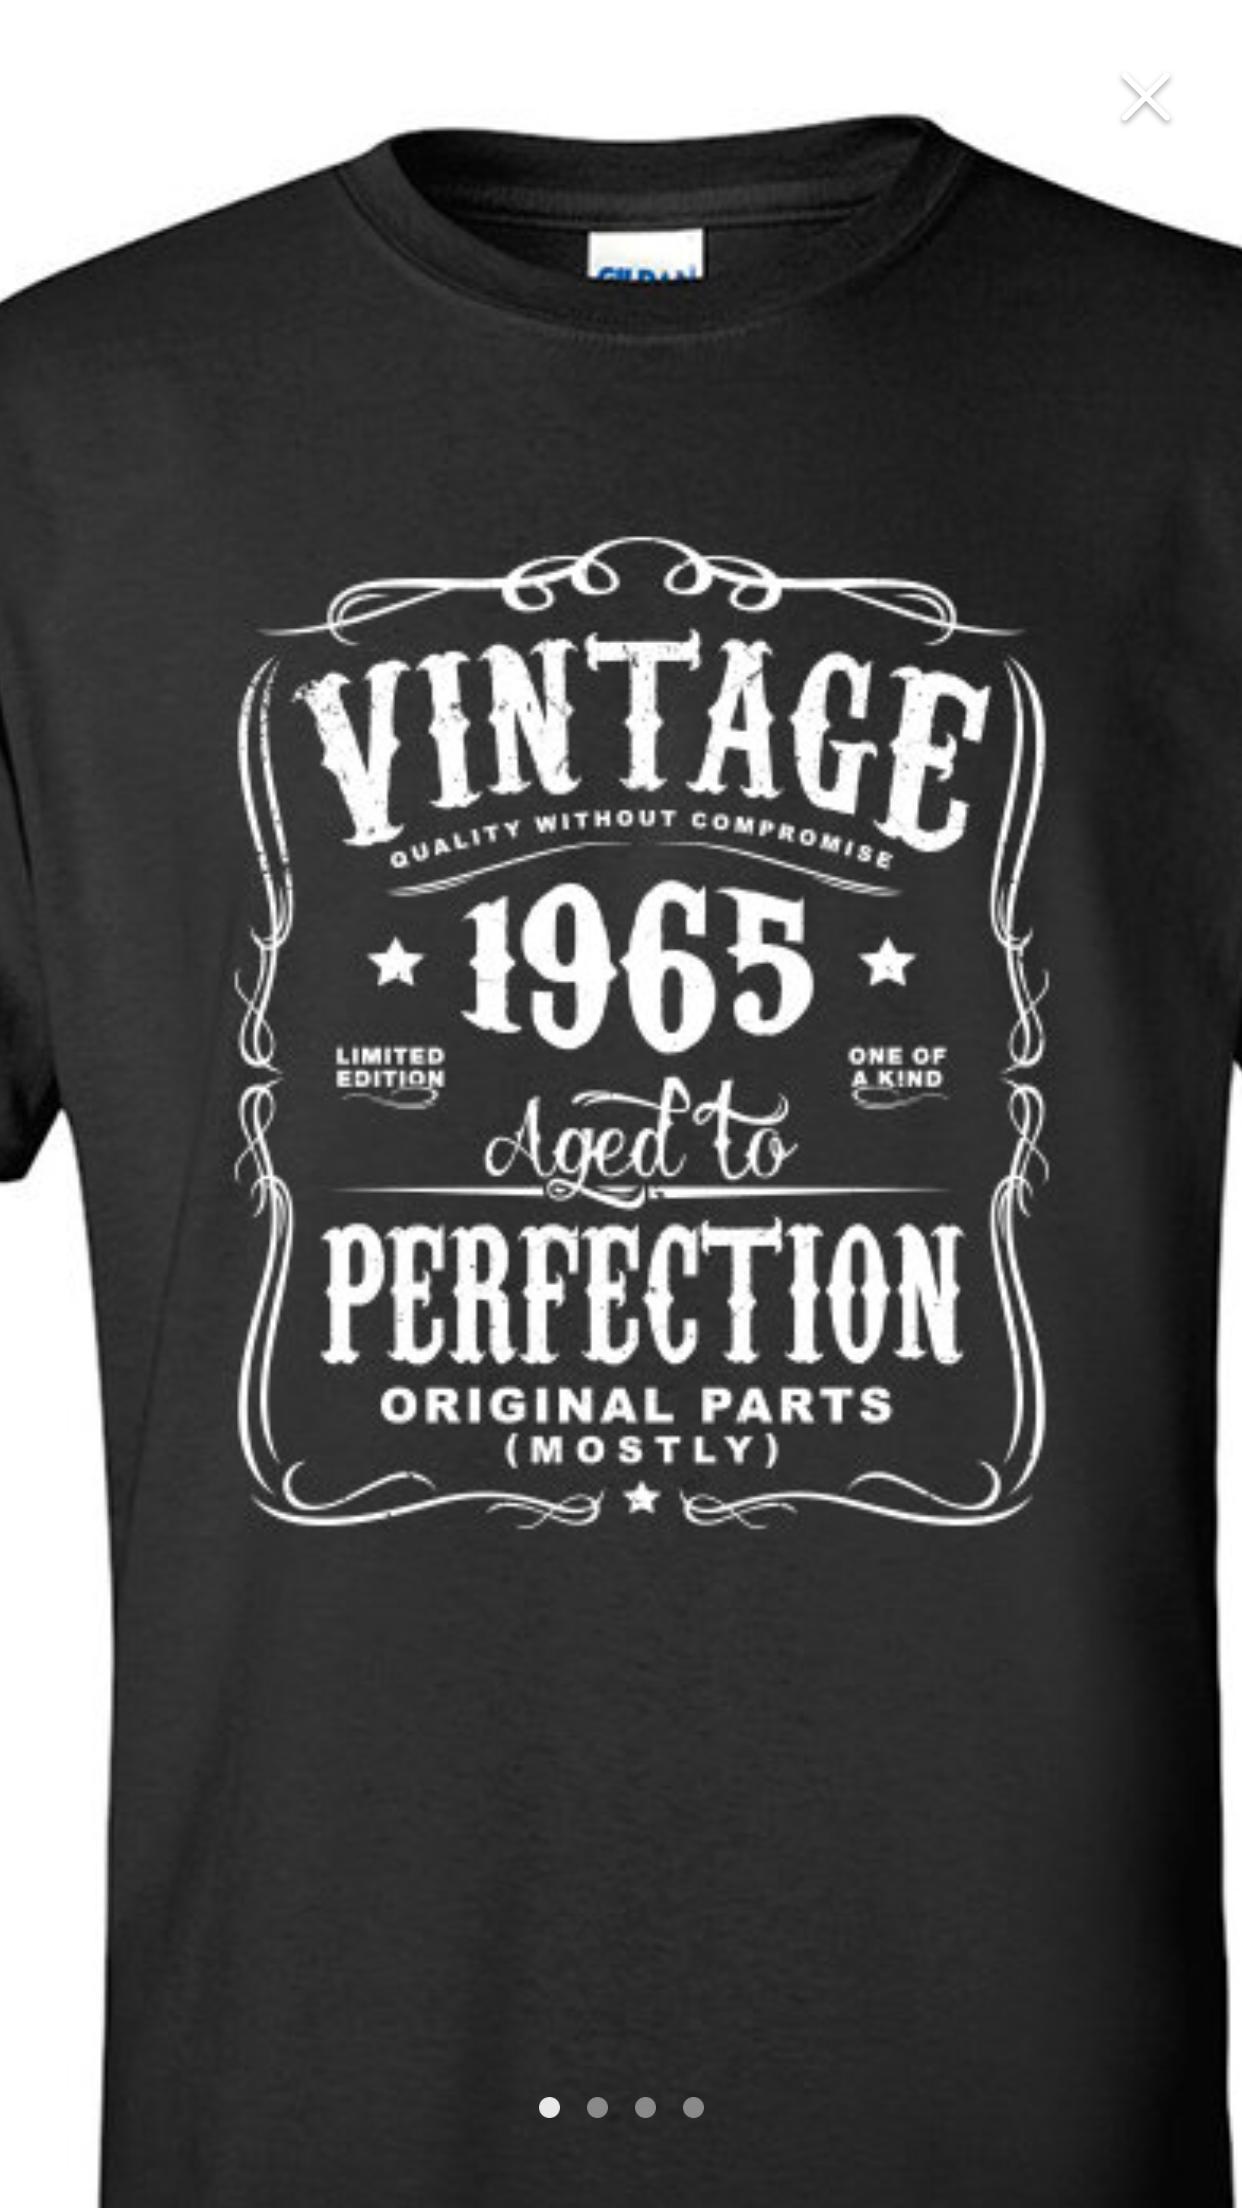 df9361ef8 Shirts · 30th · Boyfriend · Letters · Birthday Gifts For Husband, 60th  Birthday Gifts, Gifts For Father, Party, Ideas